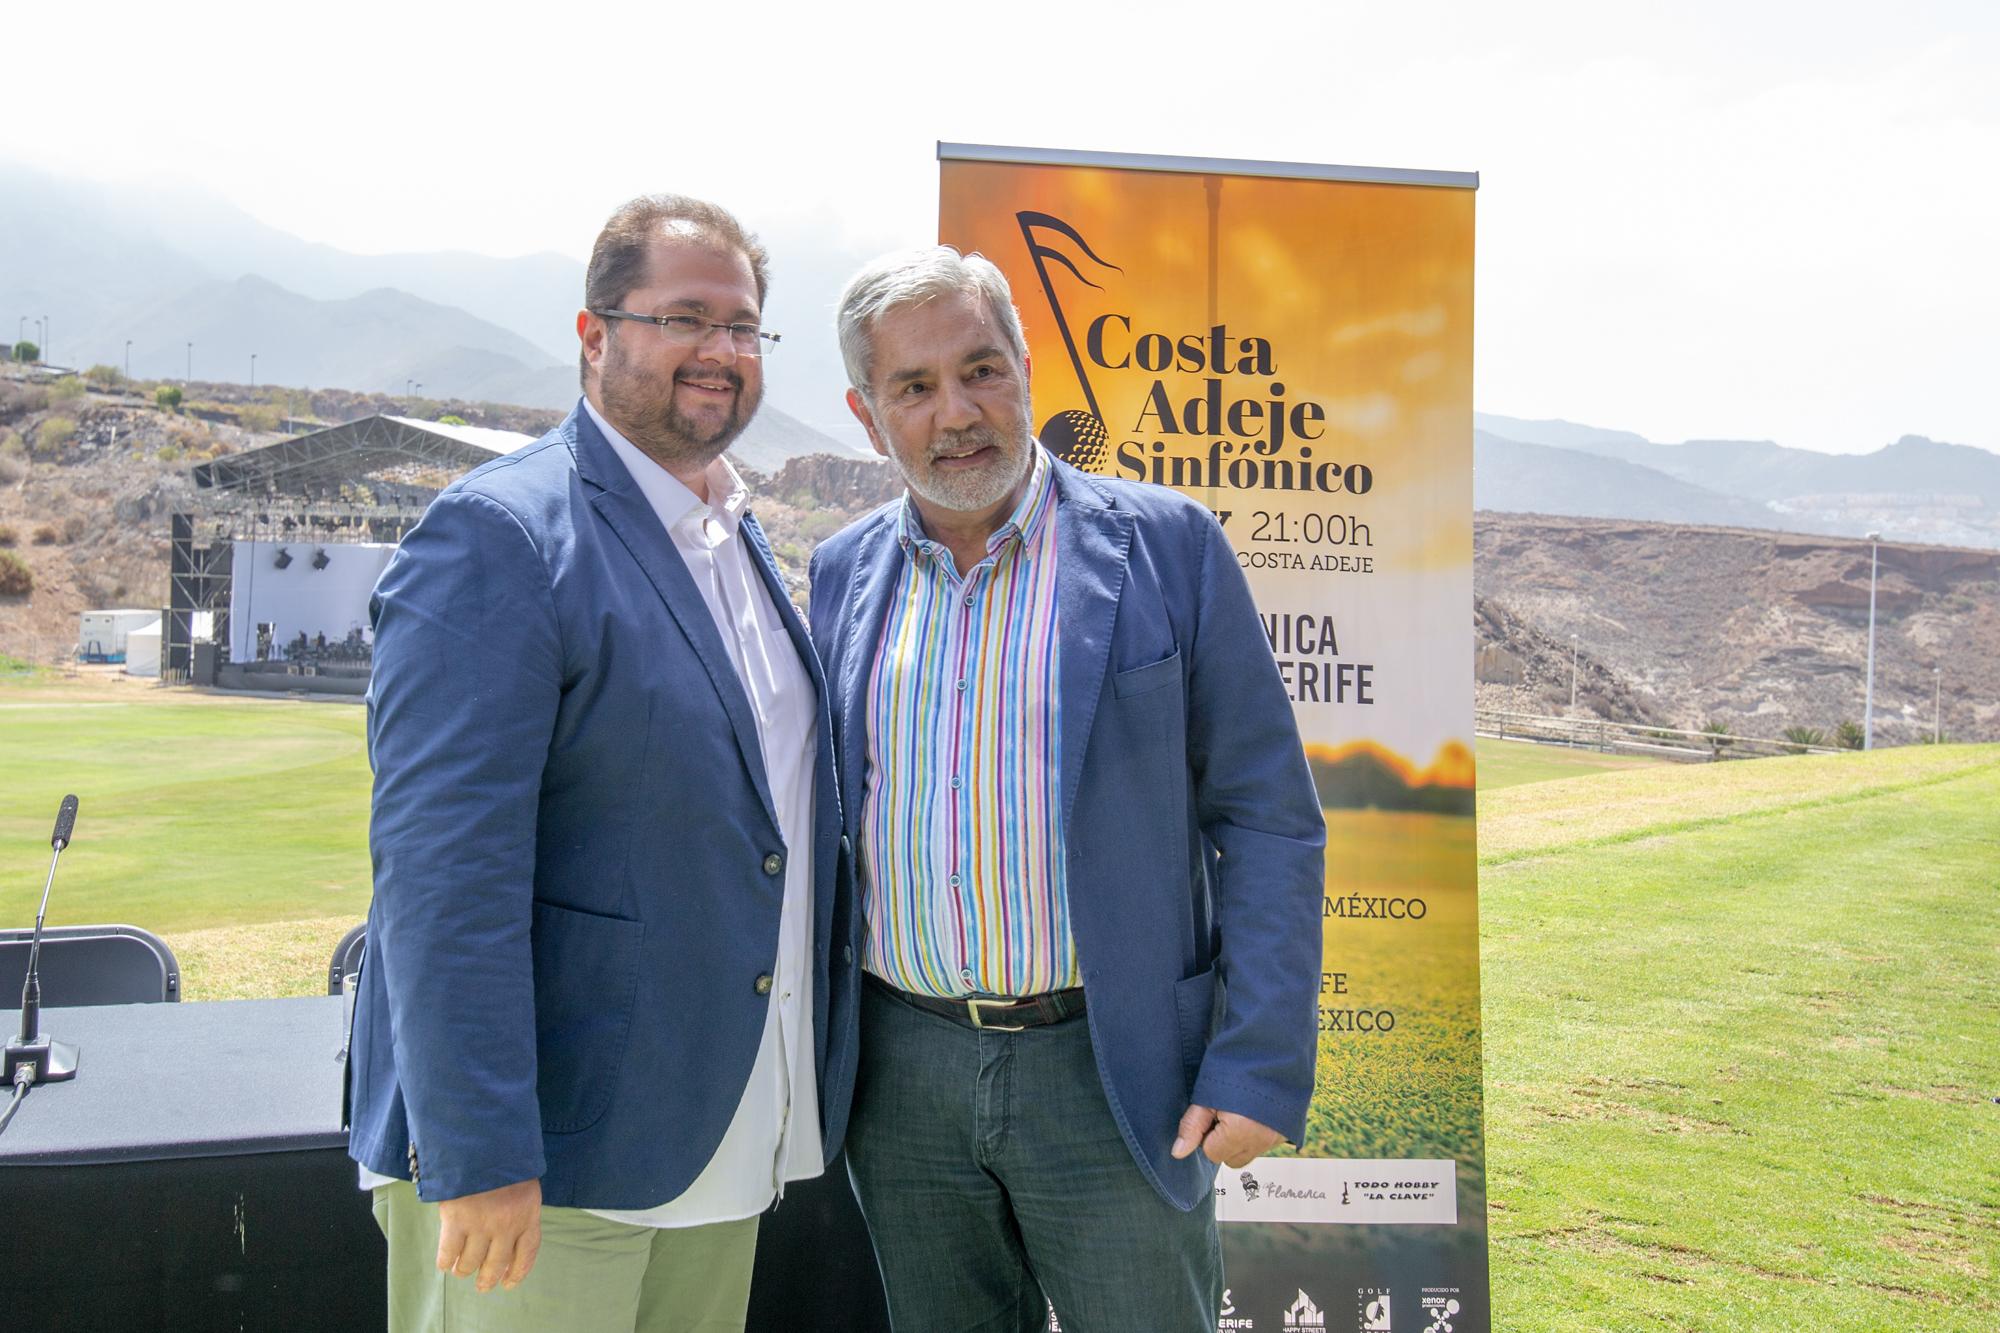 El Costa Adeje Sinfónico tendrá como director musical al tenor tinerfeño Celso Albelo a partir de 2020